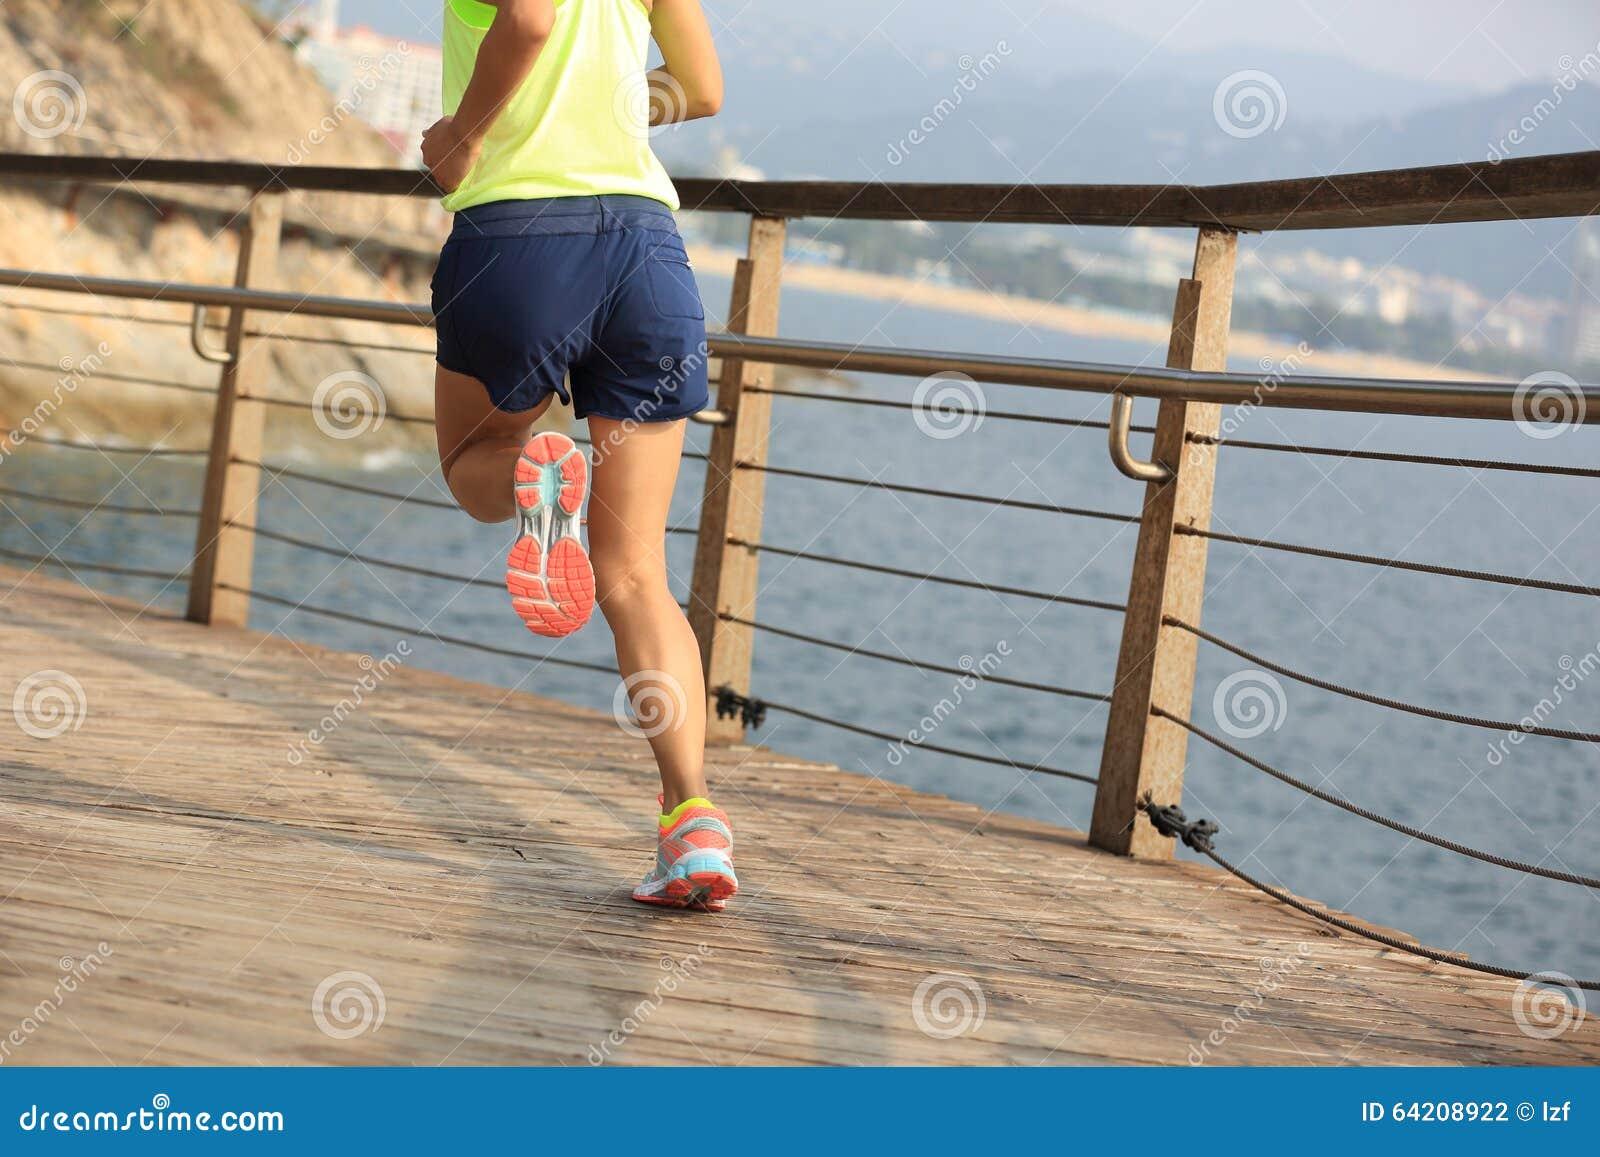 Playa corriente de la forma de vida del corredor sano de la mujer